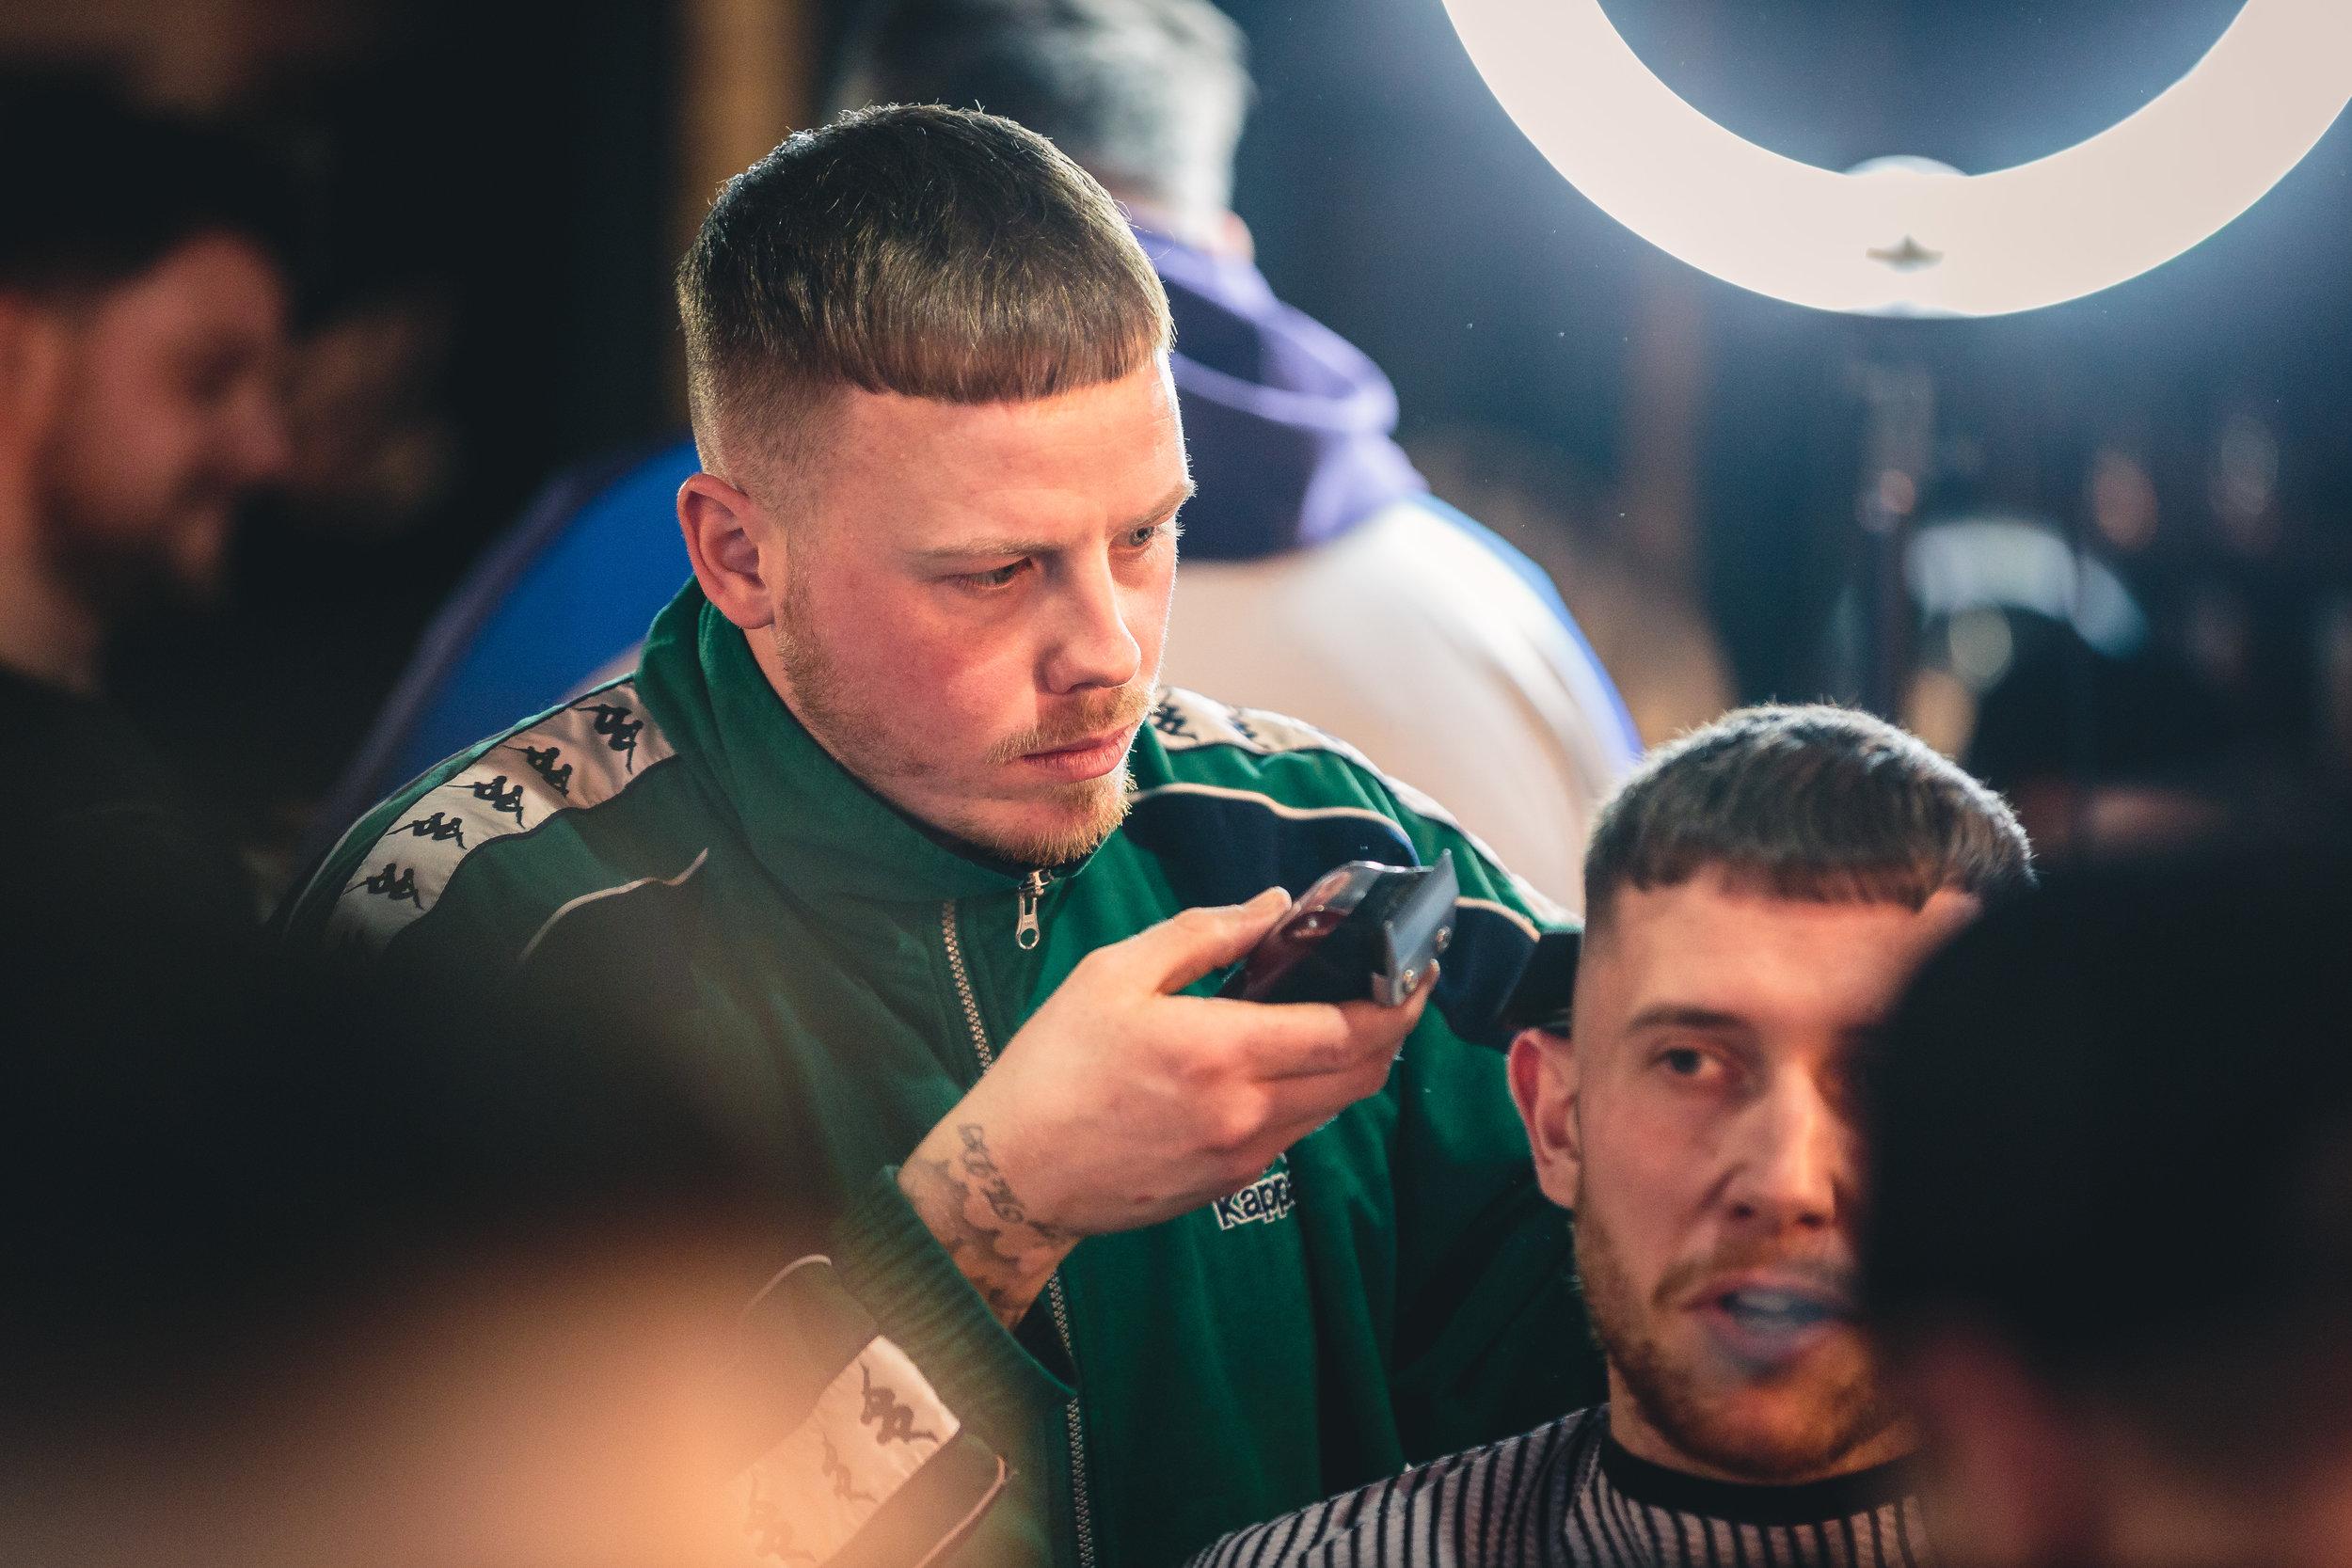 Bare Knuckle Barber